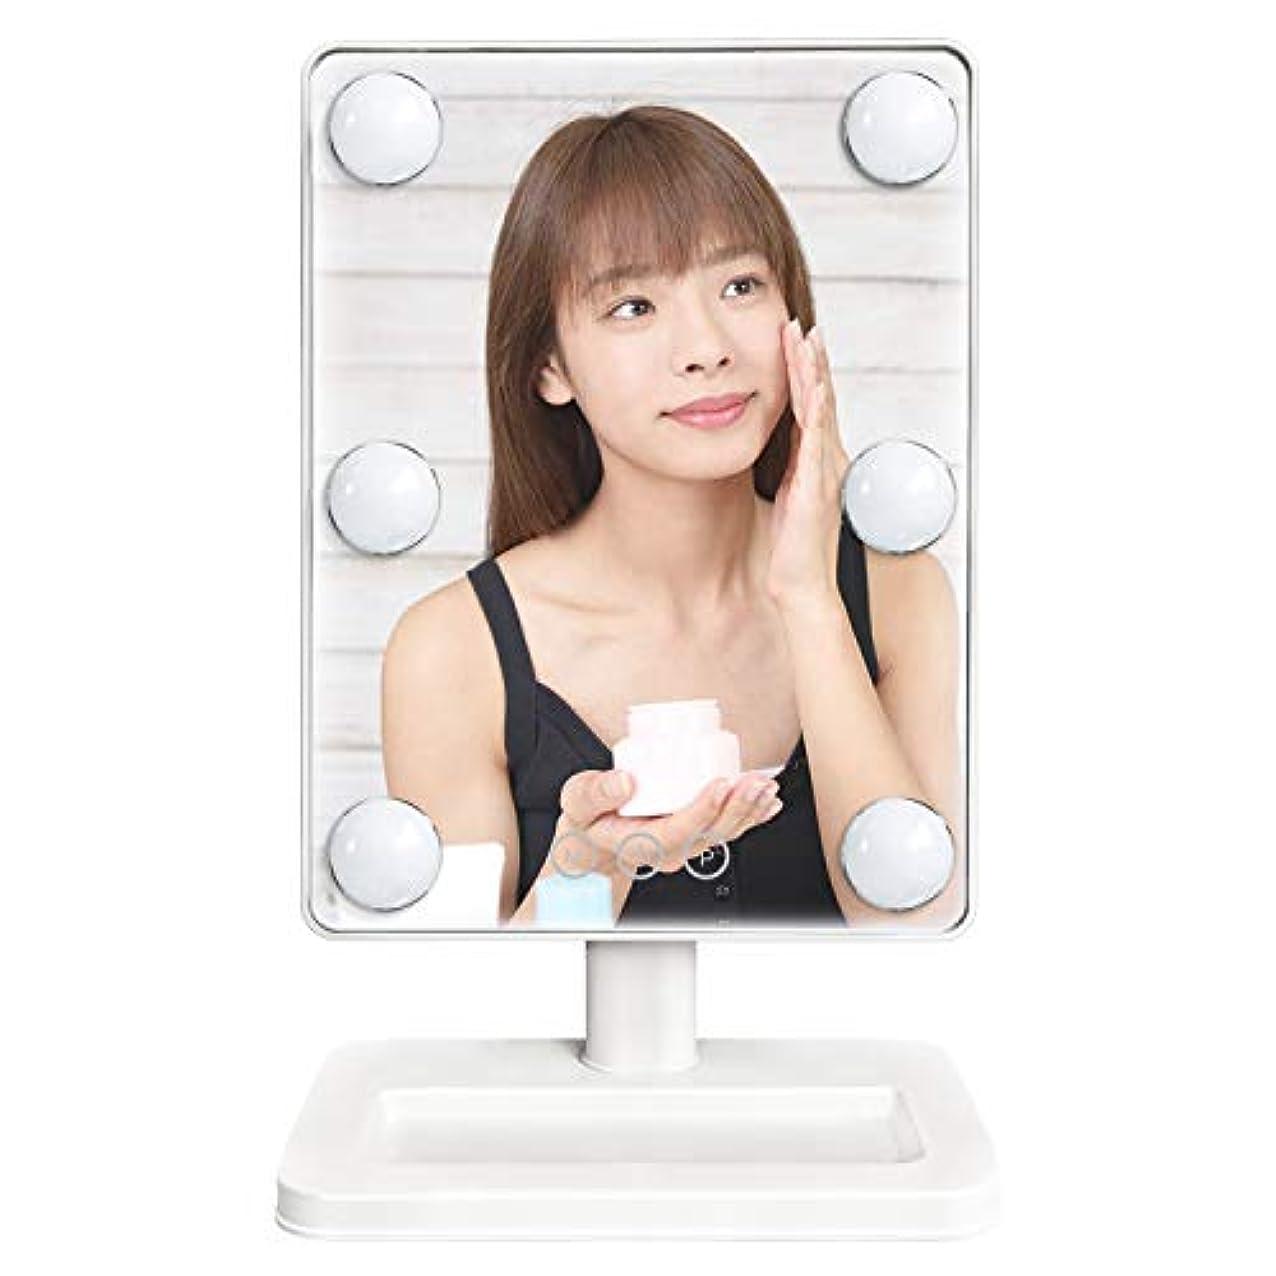 おいしいスペア残酷鏡 スタンドミラー 卓上ミラー led付き 女優ミラー 明るさ調節可能 電球が6個 化粧鏡 360°回転 3色調光ハリウッドミラー 電池&USB 2WAY給電 Luuhann (ホワイト)